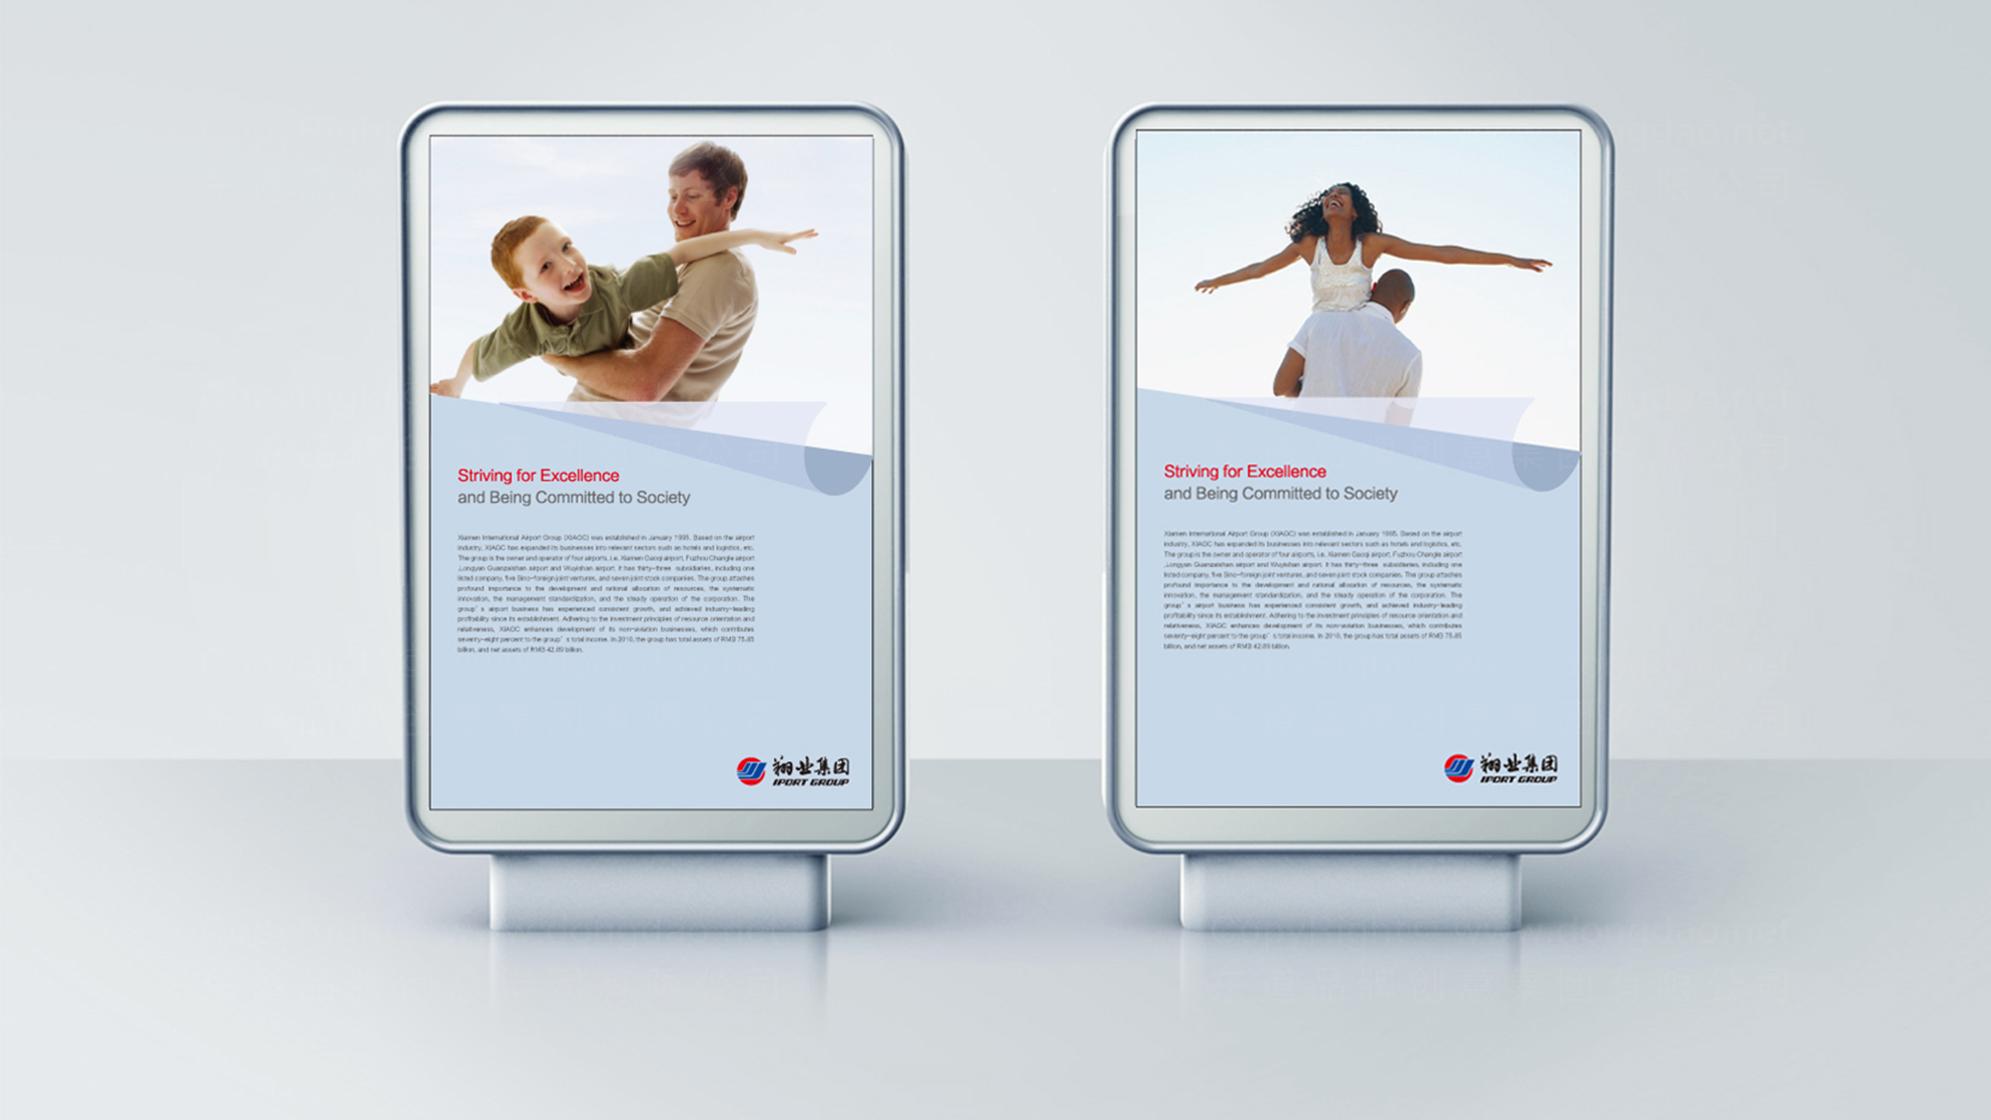 品牌设计翔业集团标志设计应用场景